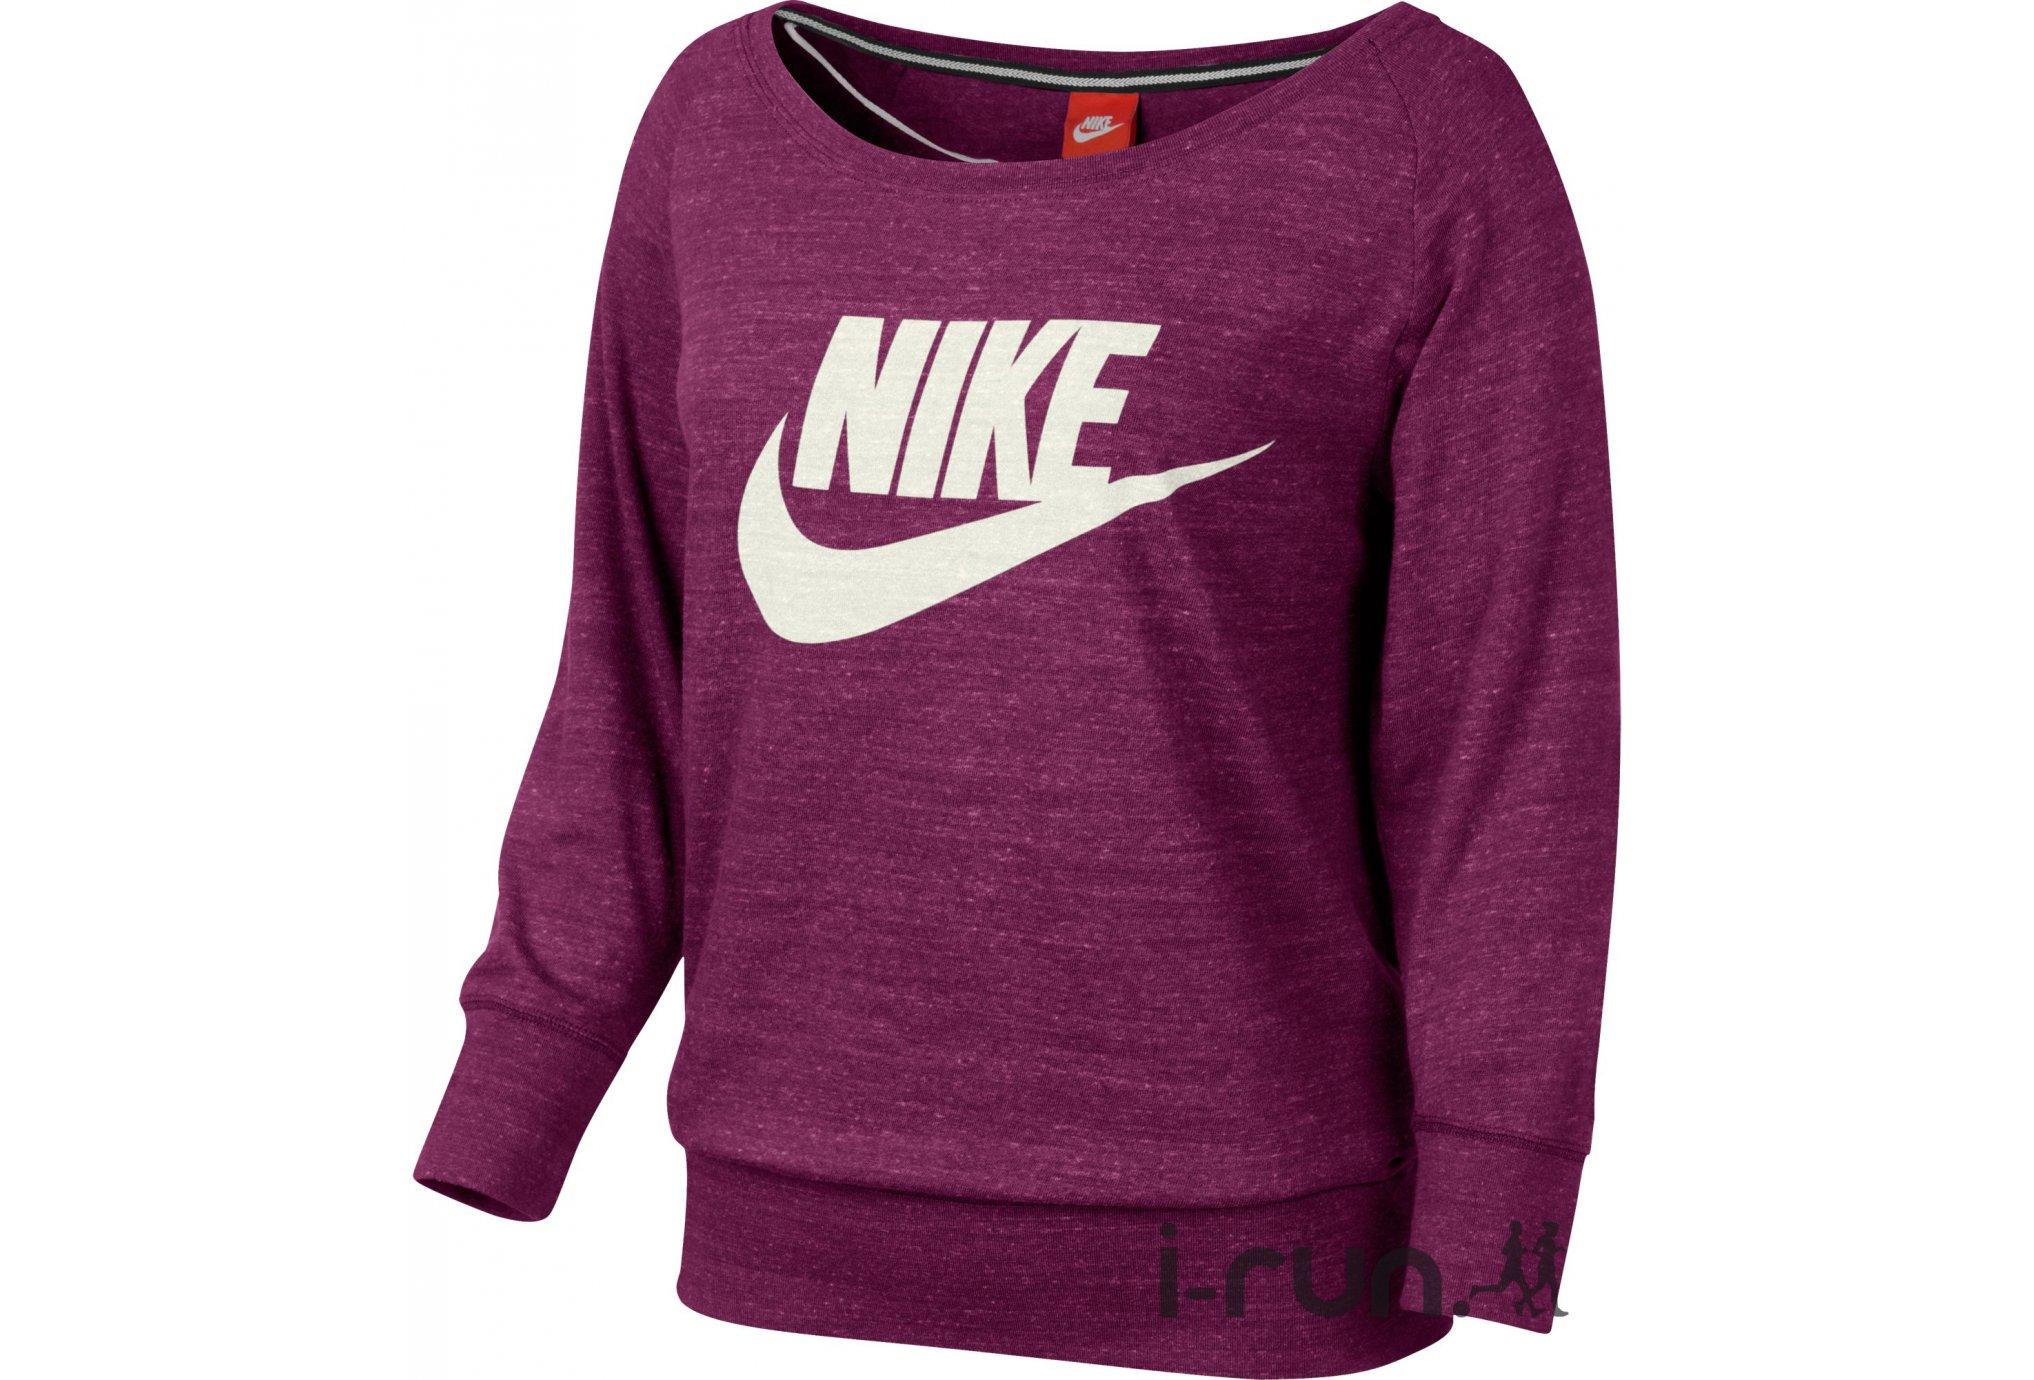 Nike Sweat Femme Gym Vintage Vetements W Crew Vintage nike 4fgqRwfP